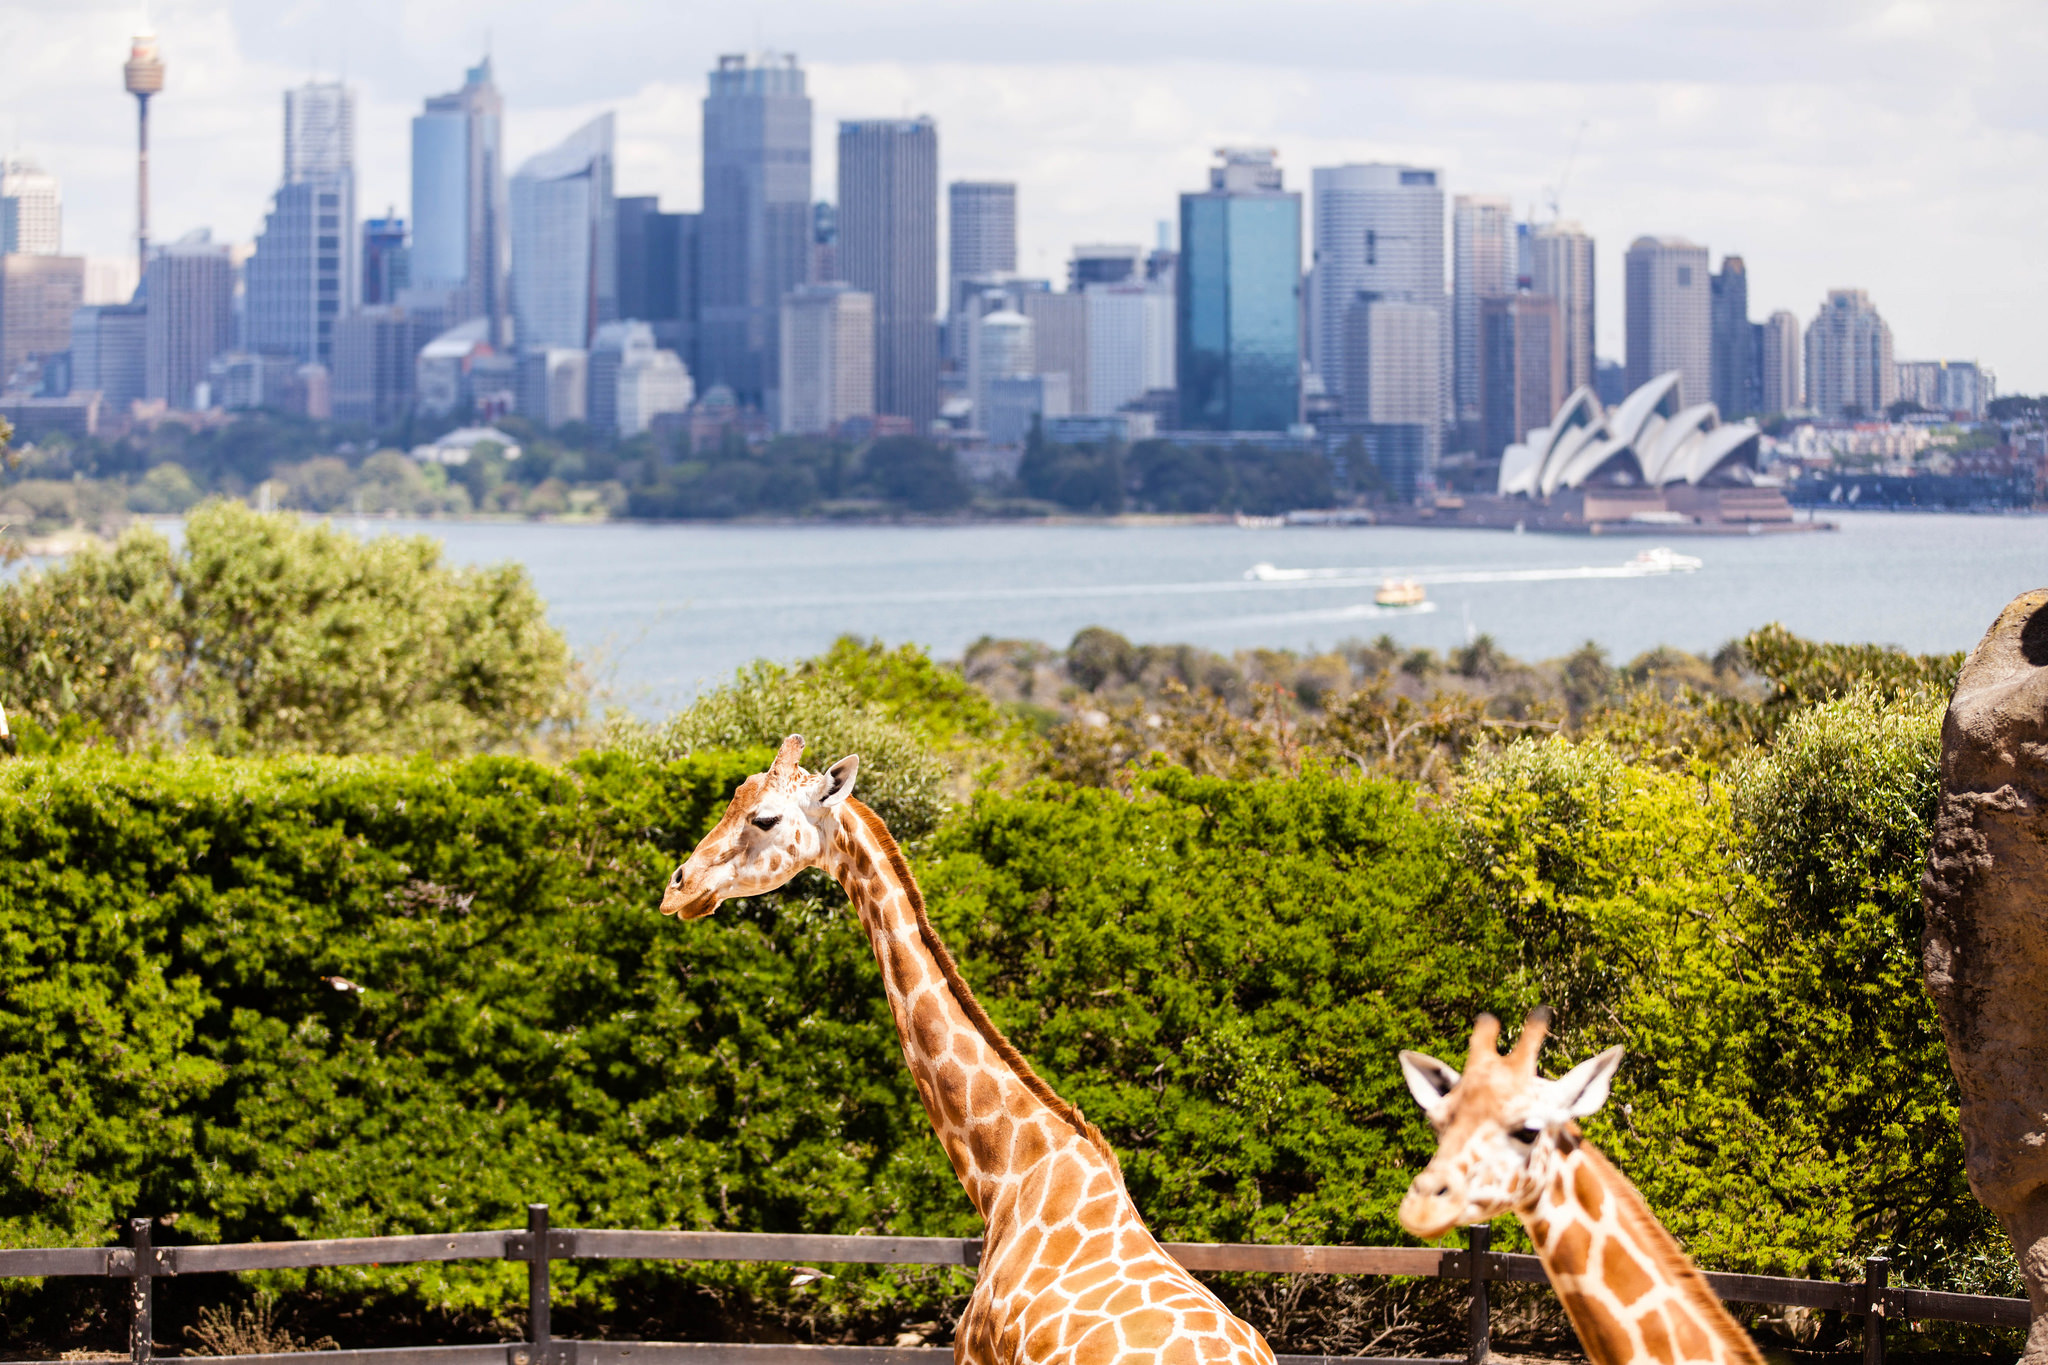 一邊和超可愛的長頸鹿互動,還能一邊欣賞雪梨城市美景。(Flickr授權作者-Darren Puttock)